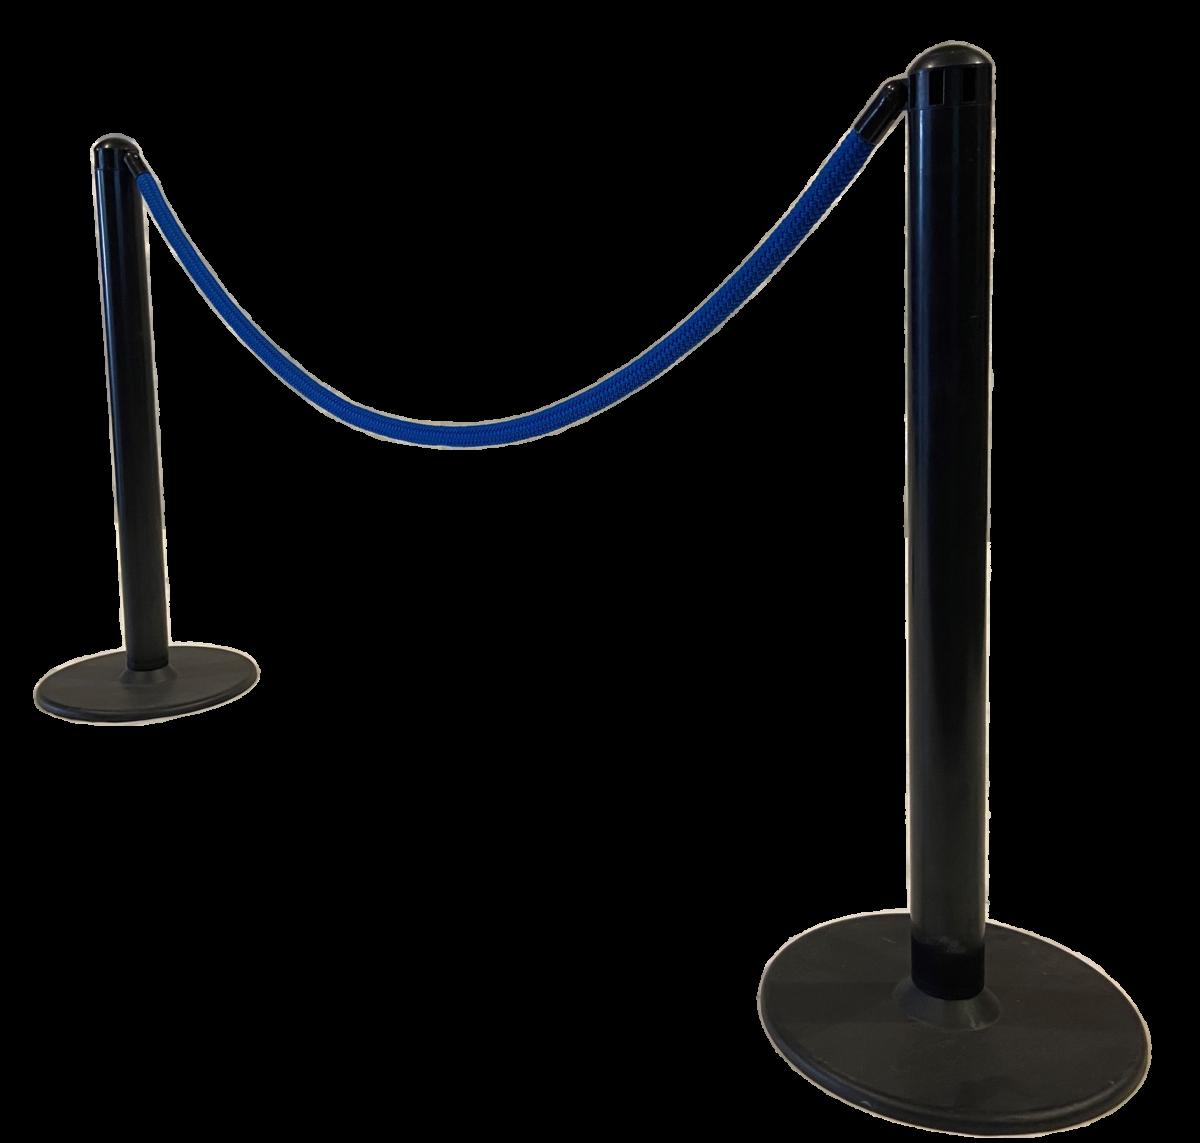 Tensatoren Absperrpfosten Gurtpfosten Absperrung Veranstaltung Seil blau